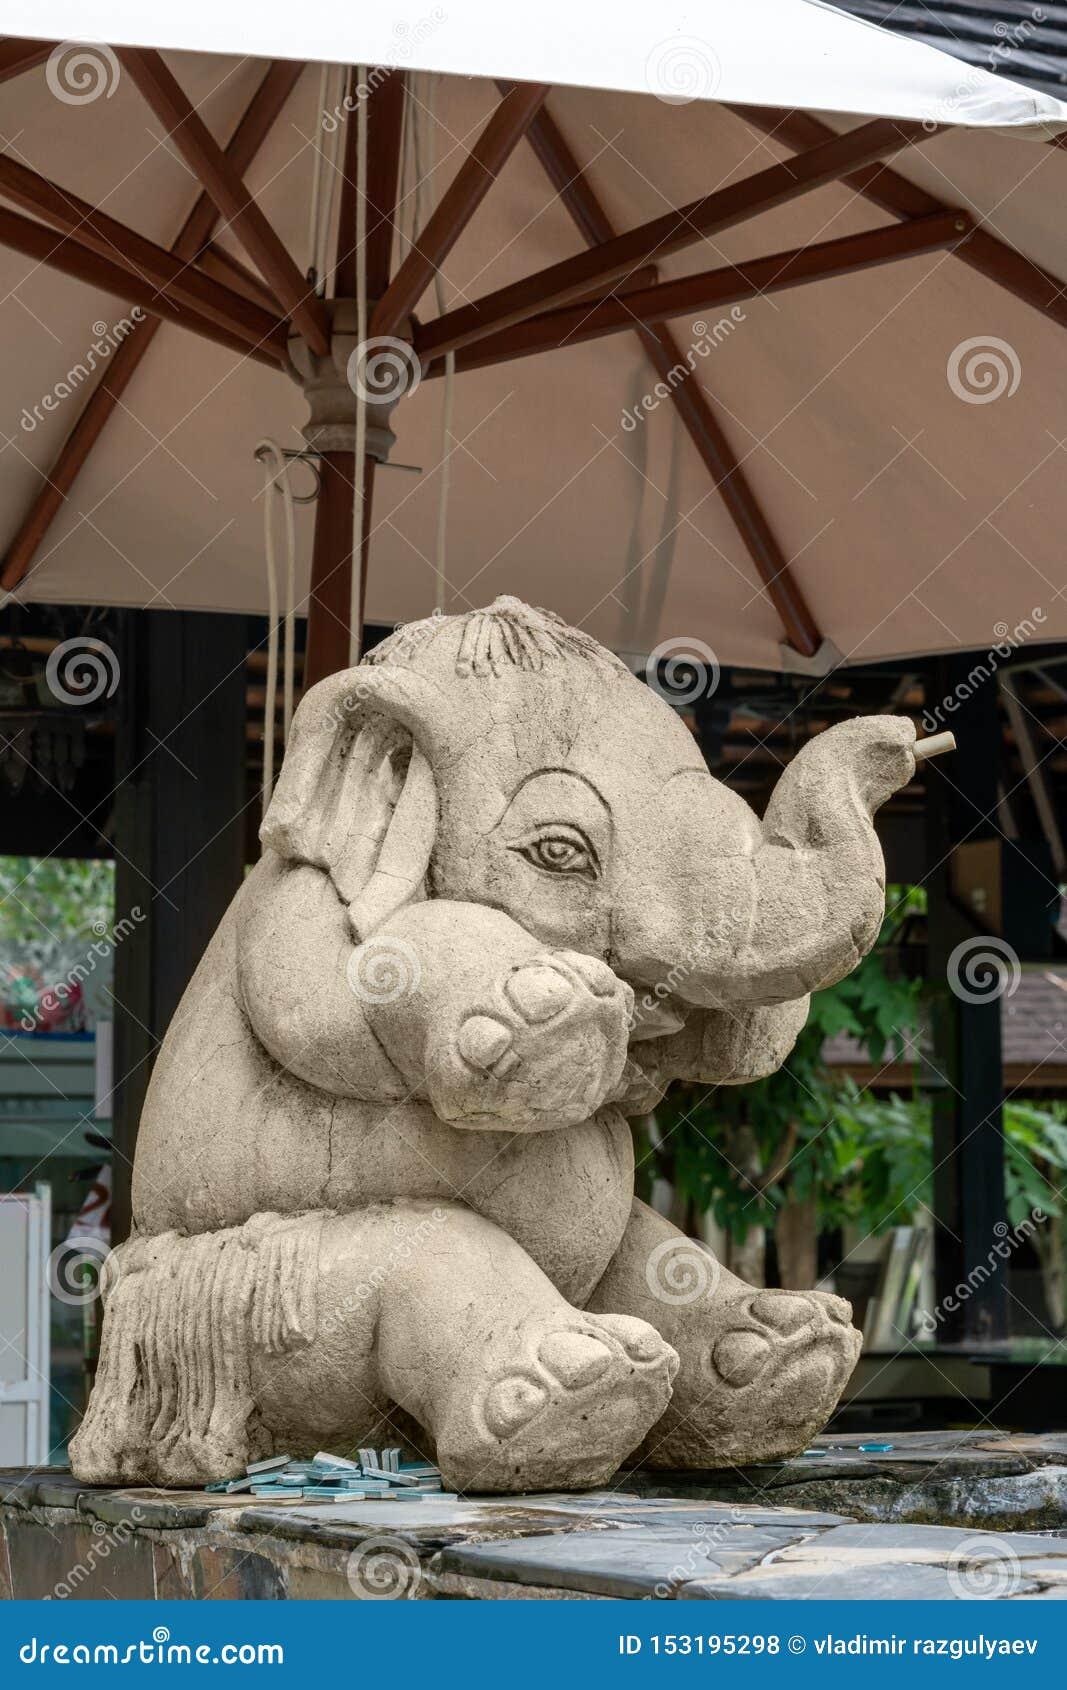 Peu éléphant drôle, sculpture, se reposant sous un parapluie